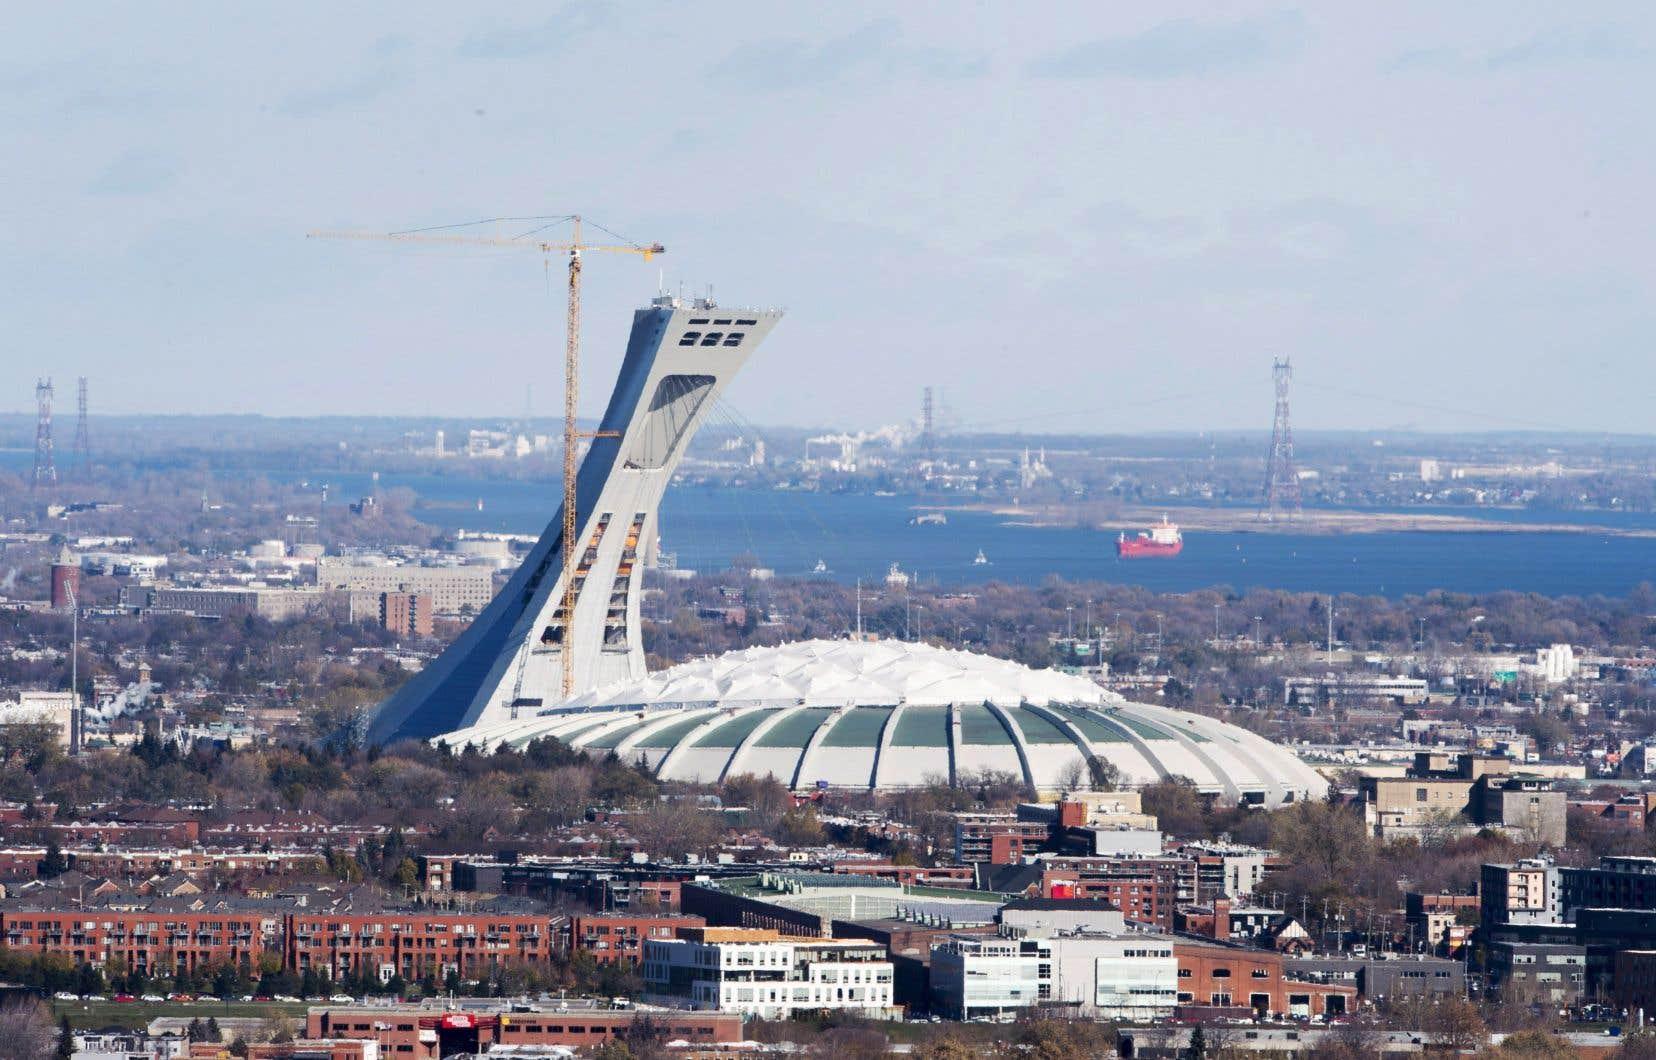 Au fil des ans, la NFL a présenté plusieurs matchs de son calendrier préparatoire au Canada, y compris deux au Stade olympique.